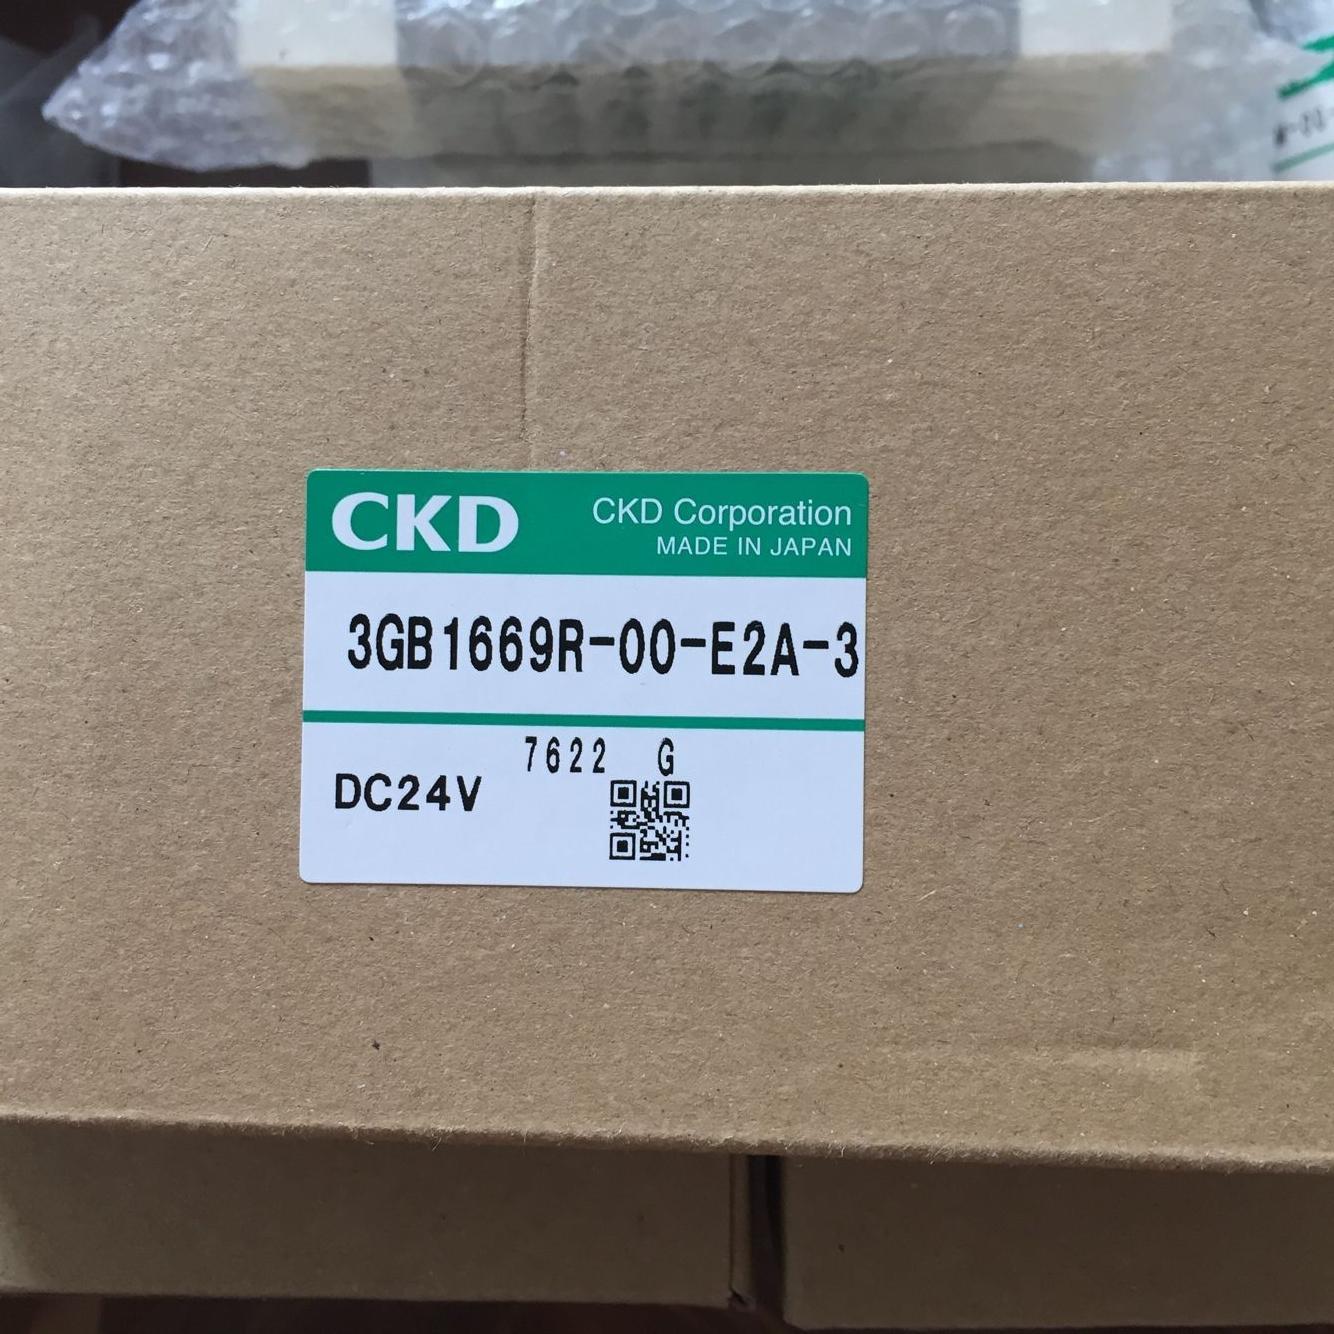 Van điện từ CKD 3GB1669R-00-E2A-3